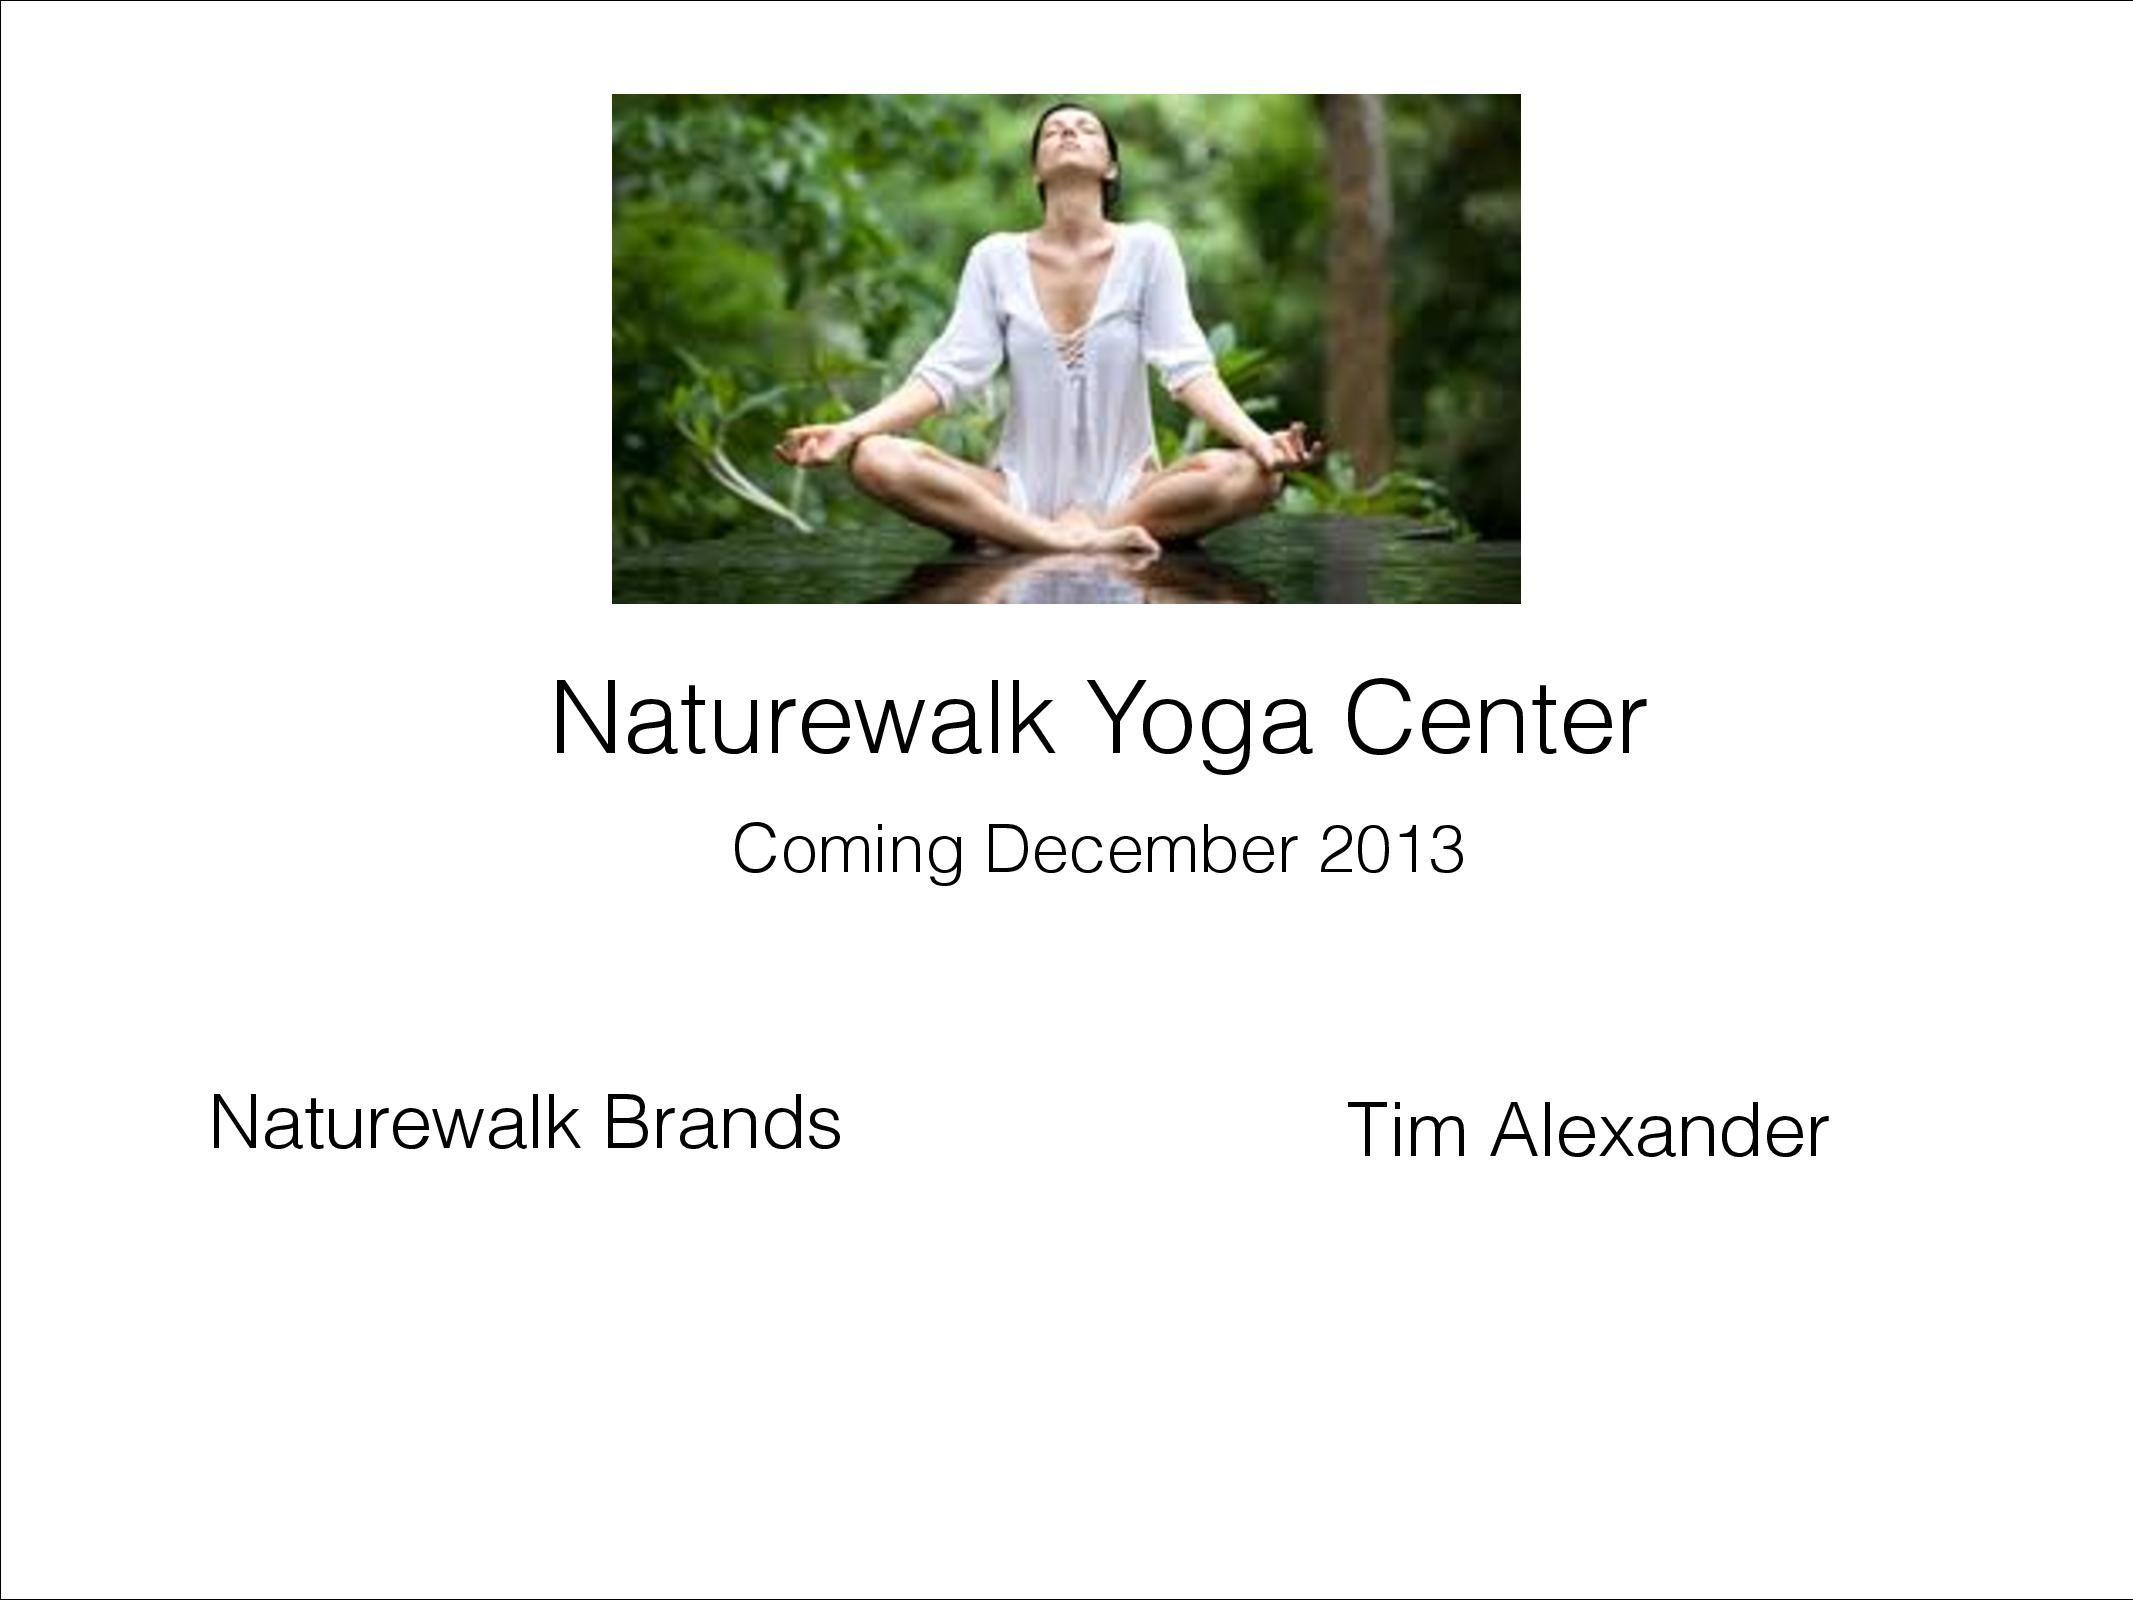 Naturewalk Yoga Center, opening December 2013